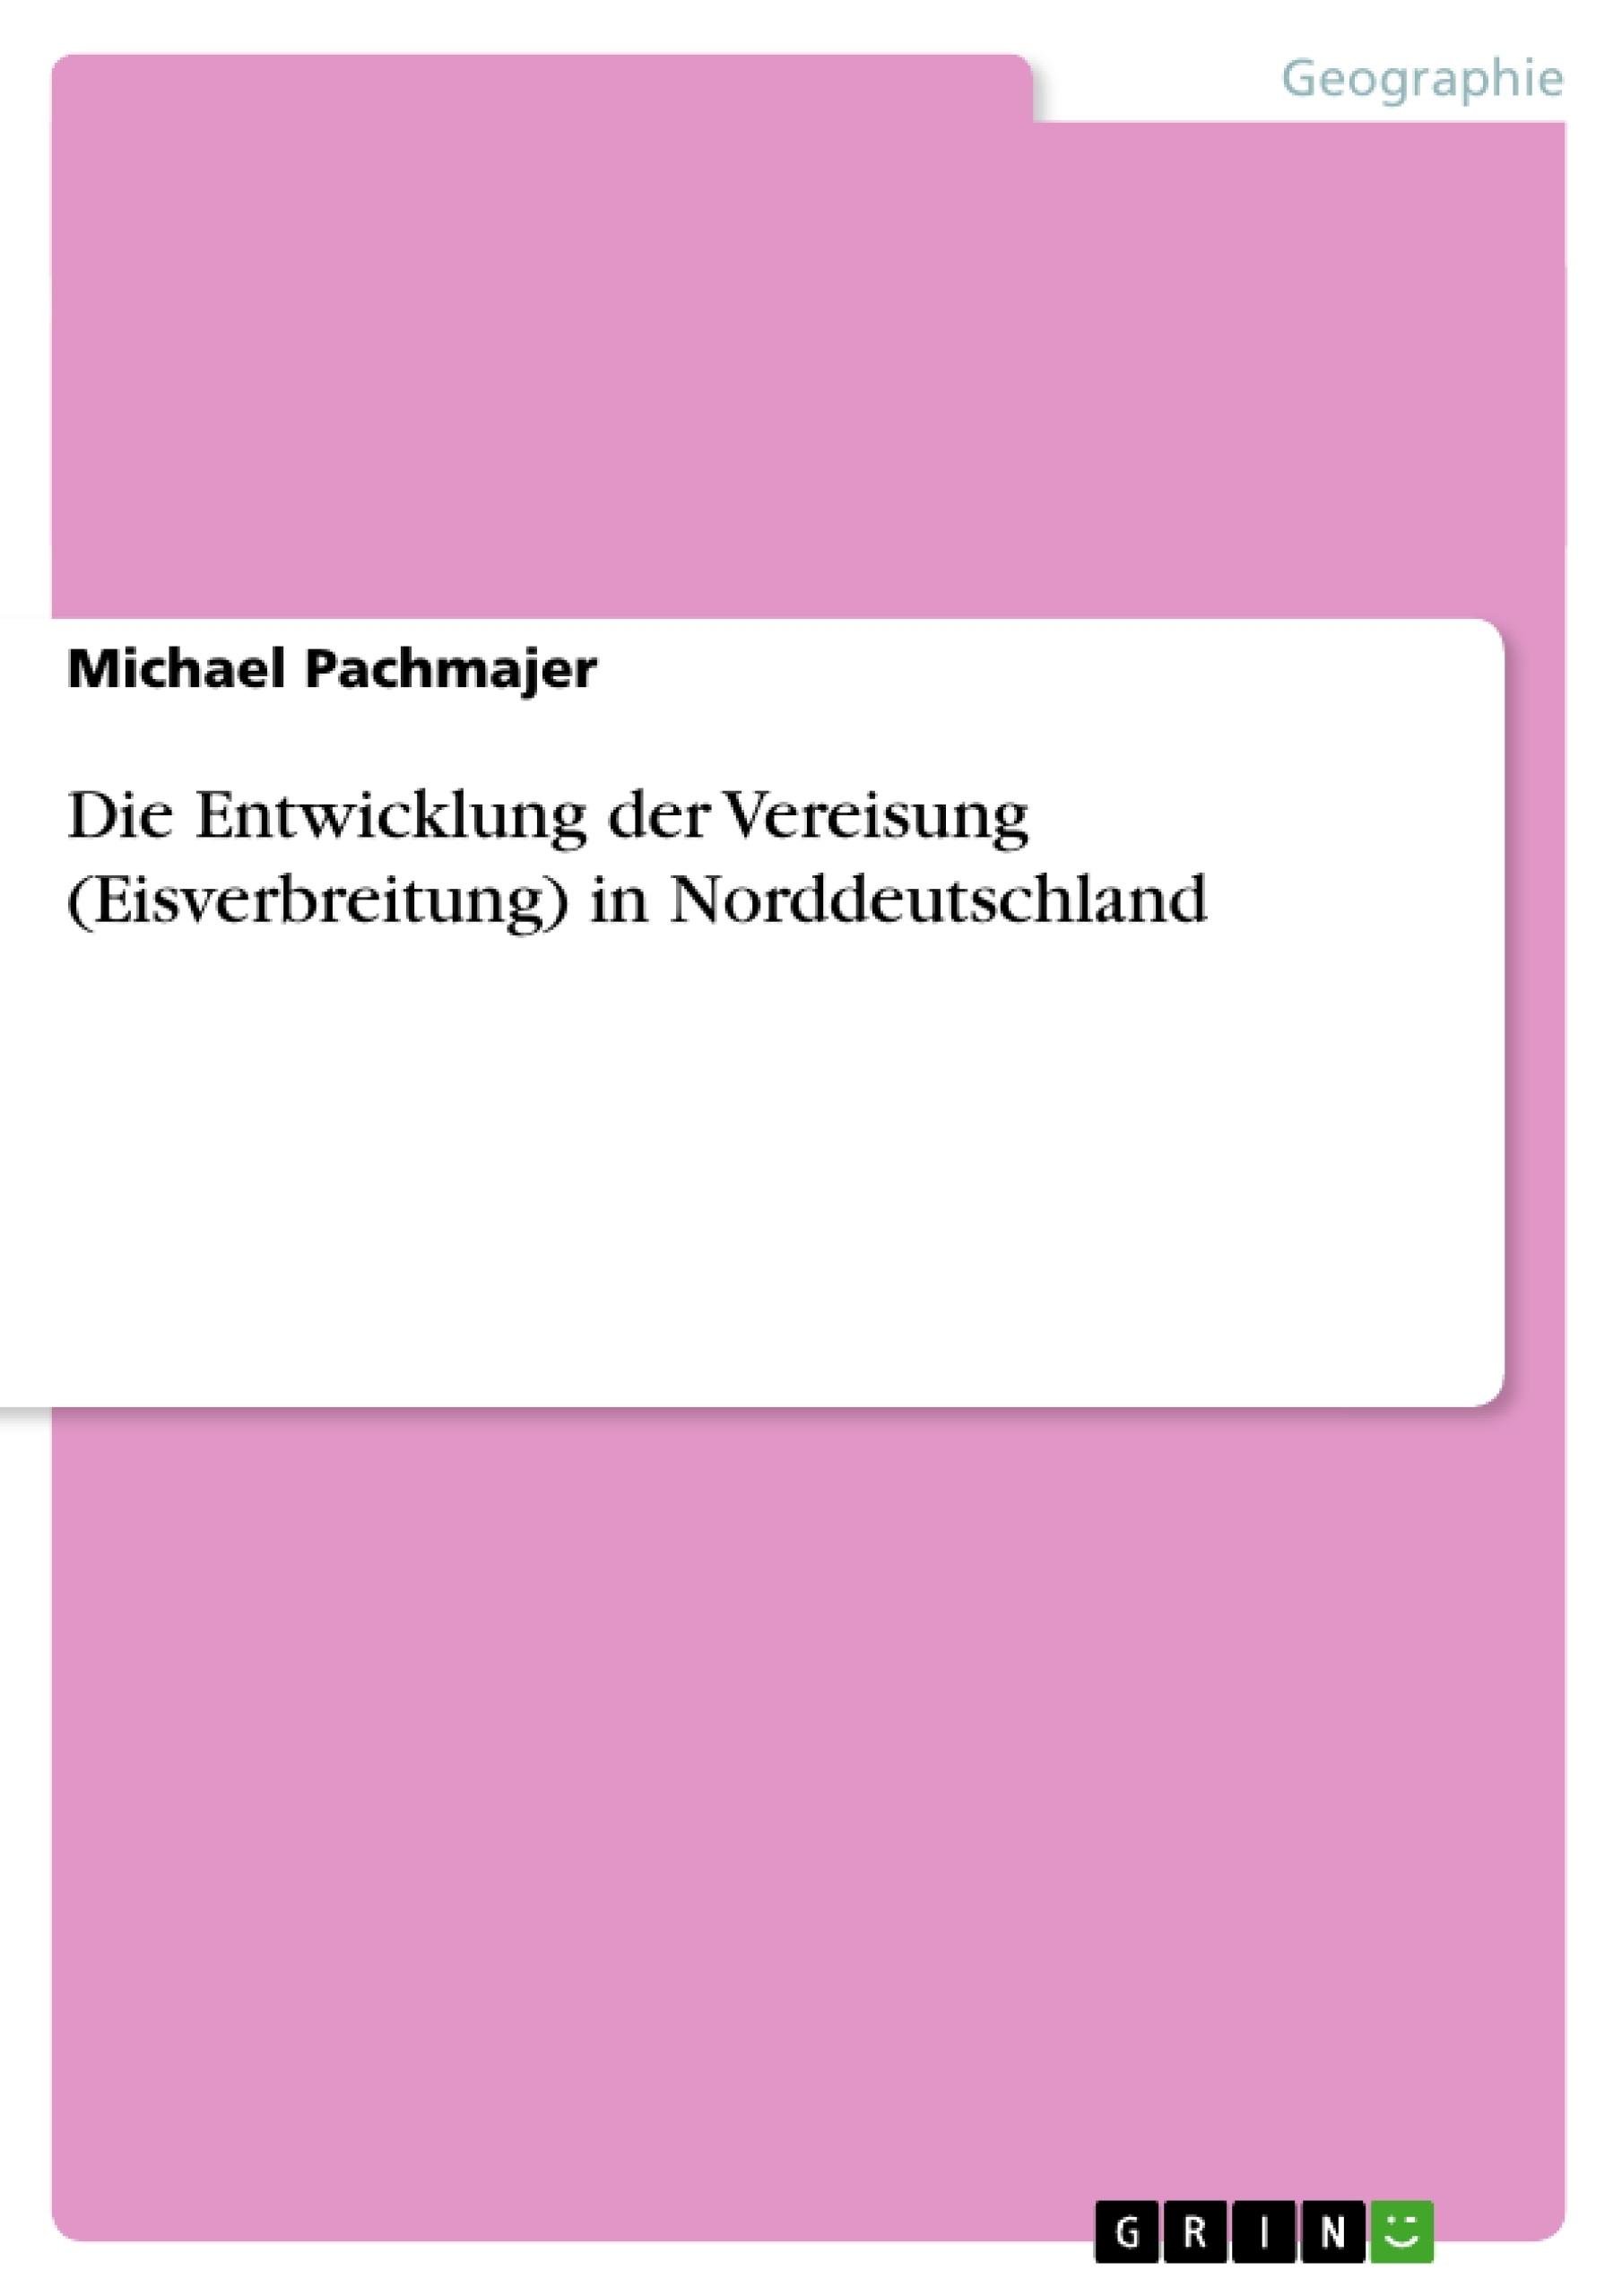 Titel: Die Entwicklung der Vereisung (Eisverbreitung) in Norddeutschland